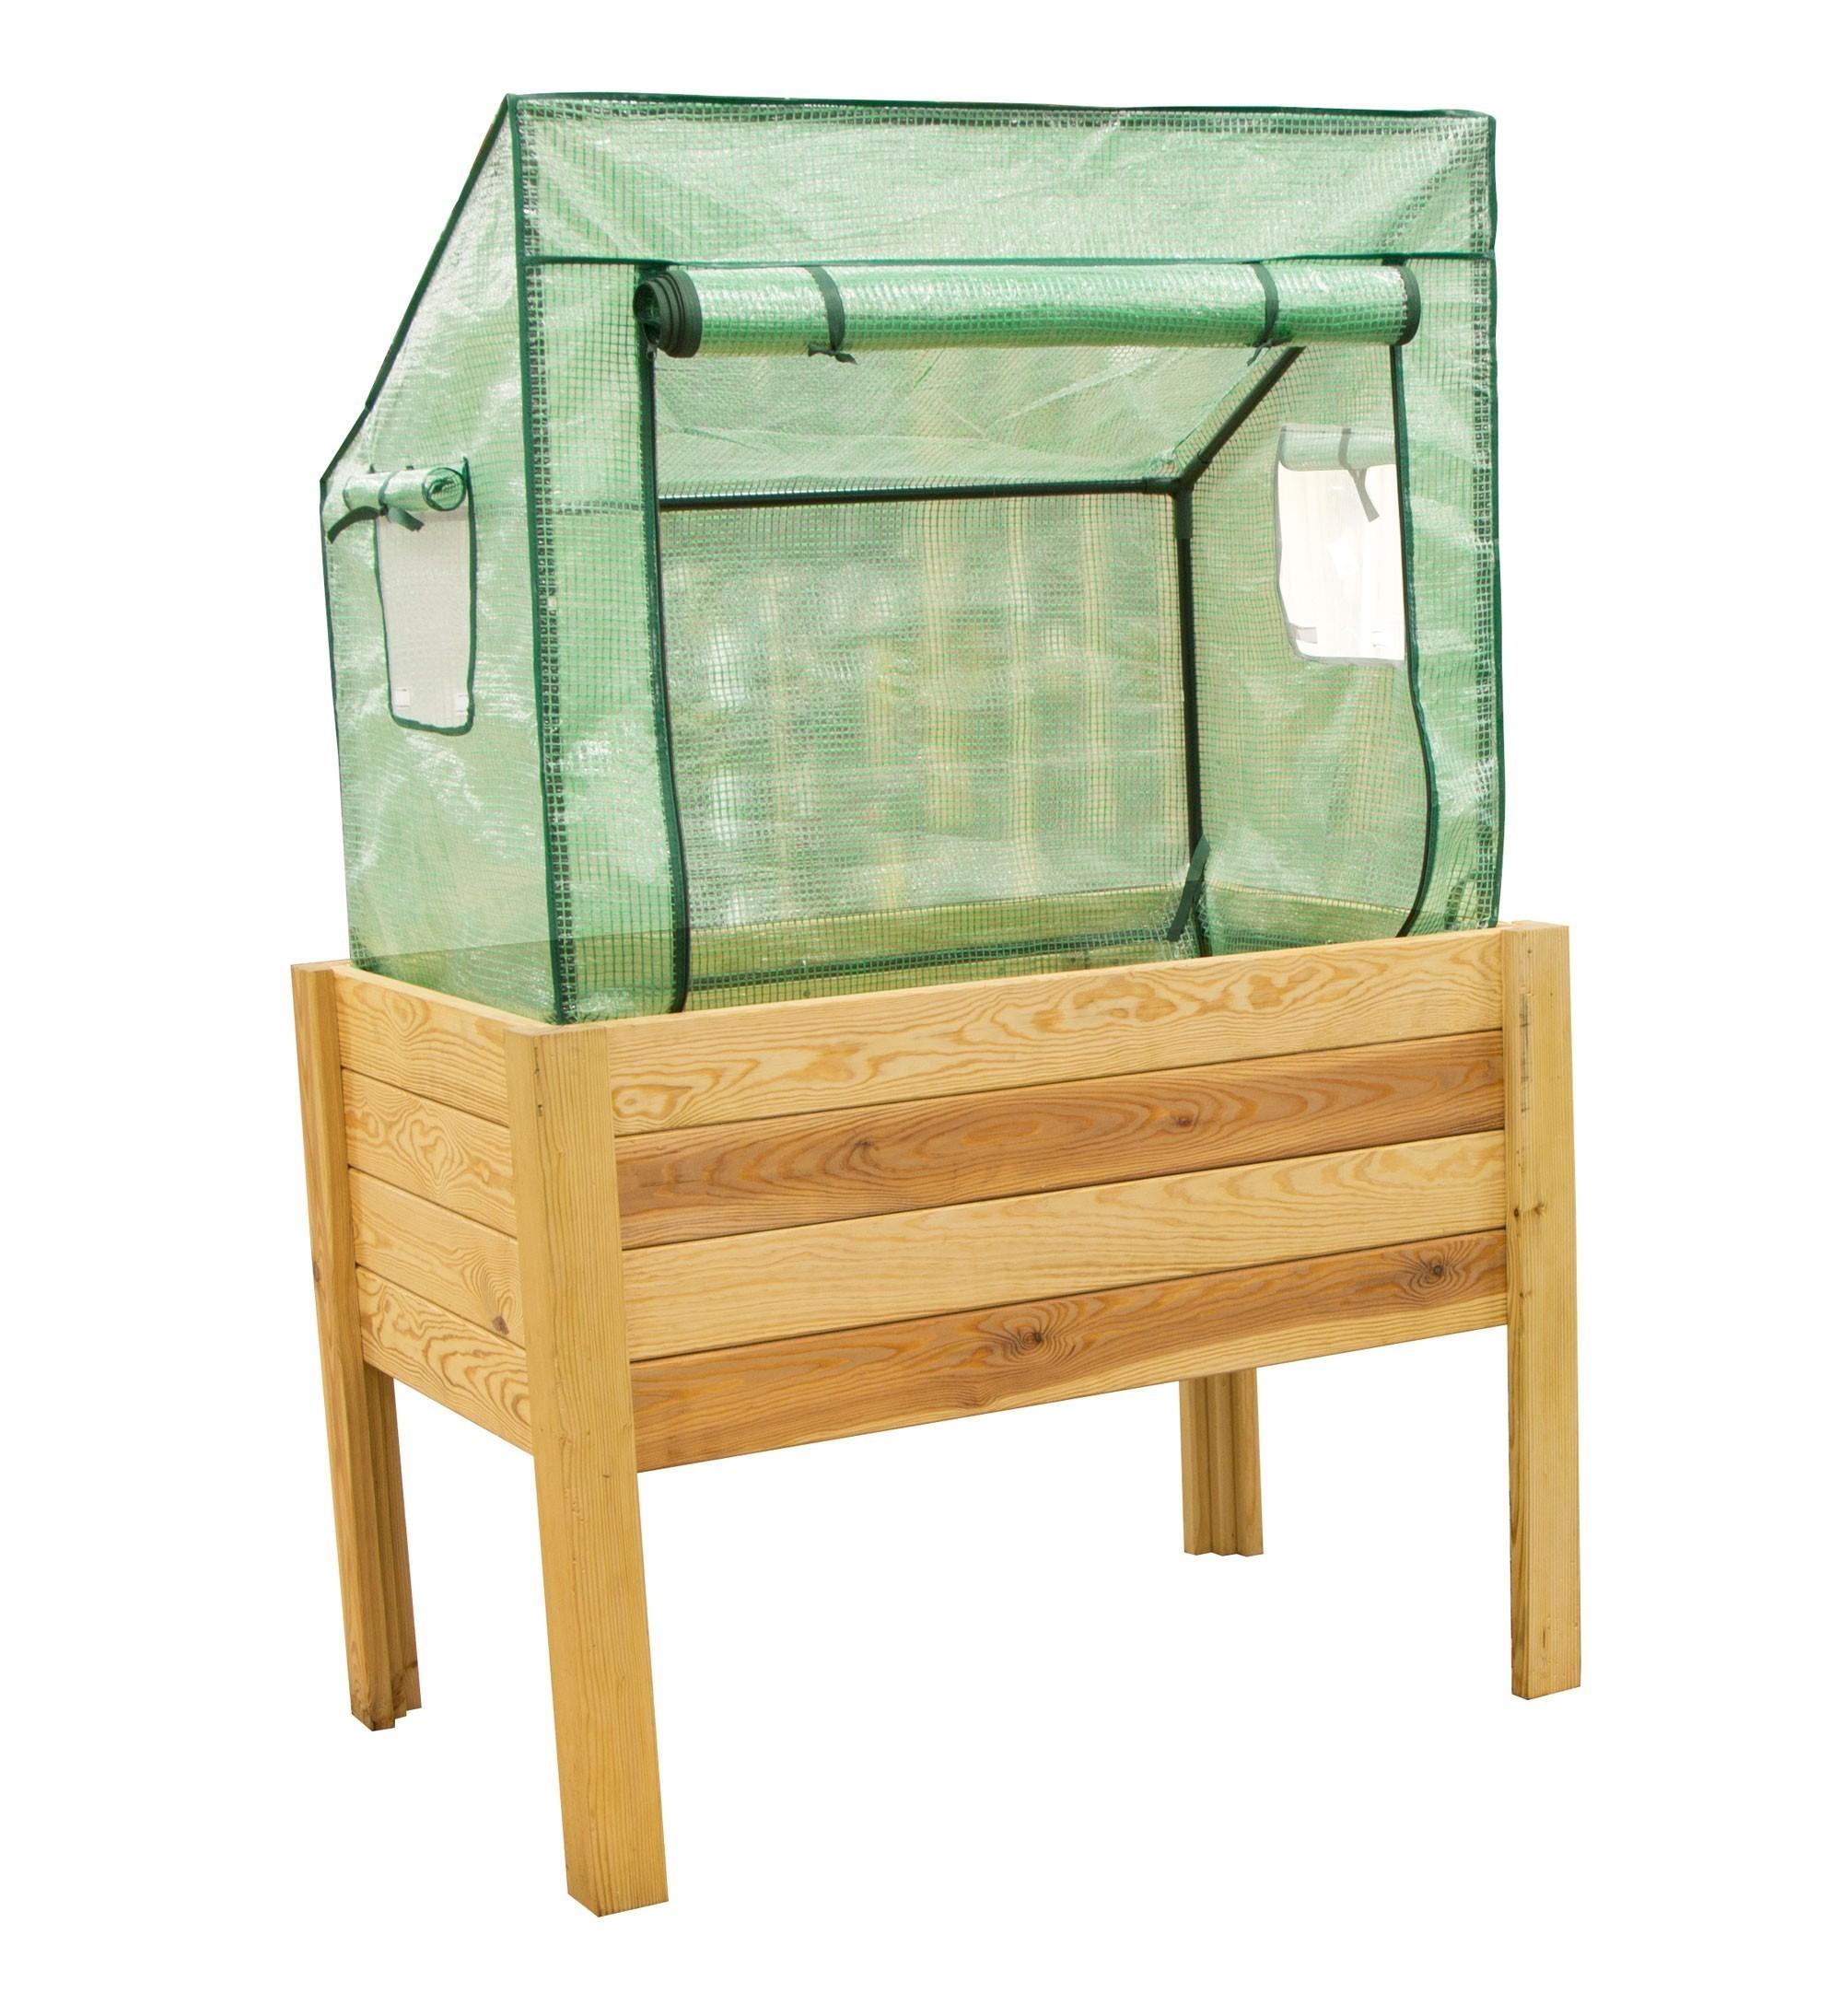 gew chshaus f r hochbeet siena 100x60x86 52cm bei. Black Bedroom Furniture Sets. Home Design Ideas